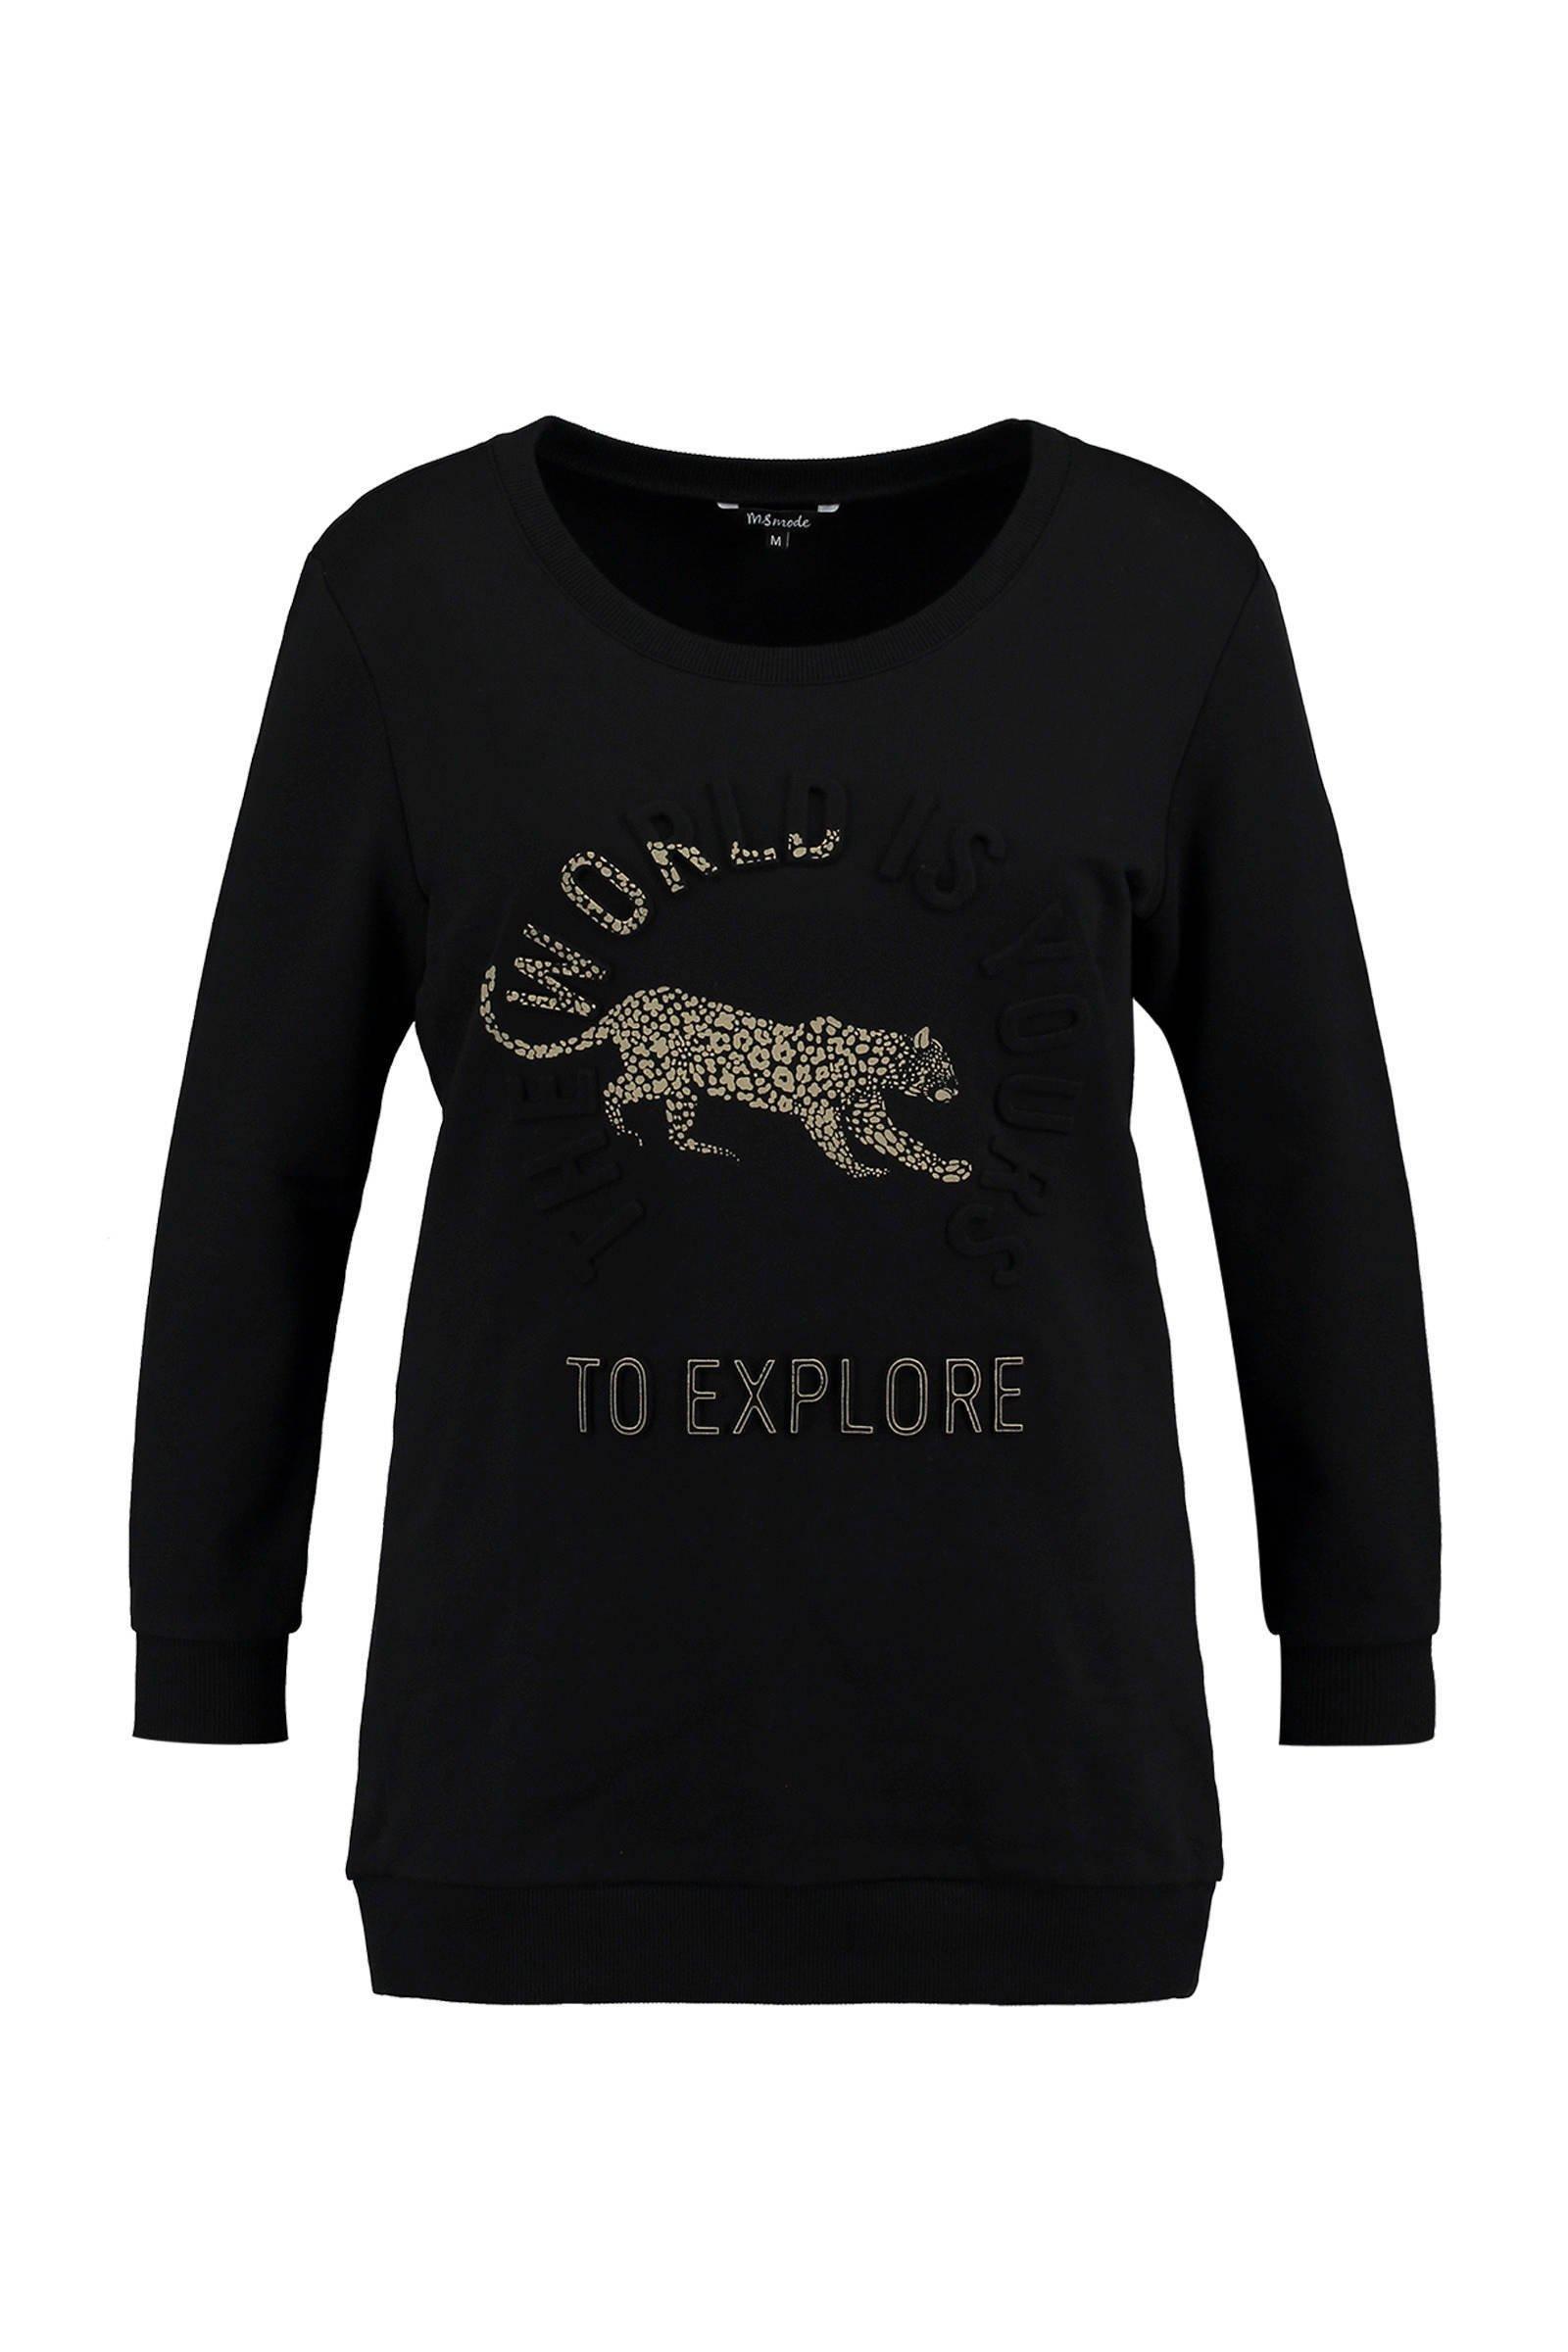 f1af7e7ec5e34 ms-mode-sweater-met-panterprint-zwart-zwart-8719216587268.jpg